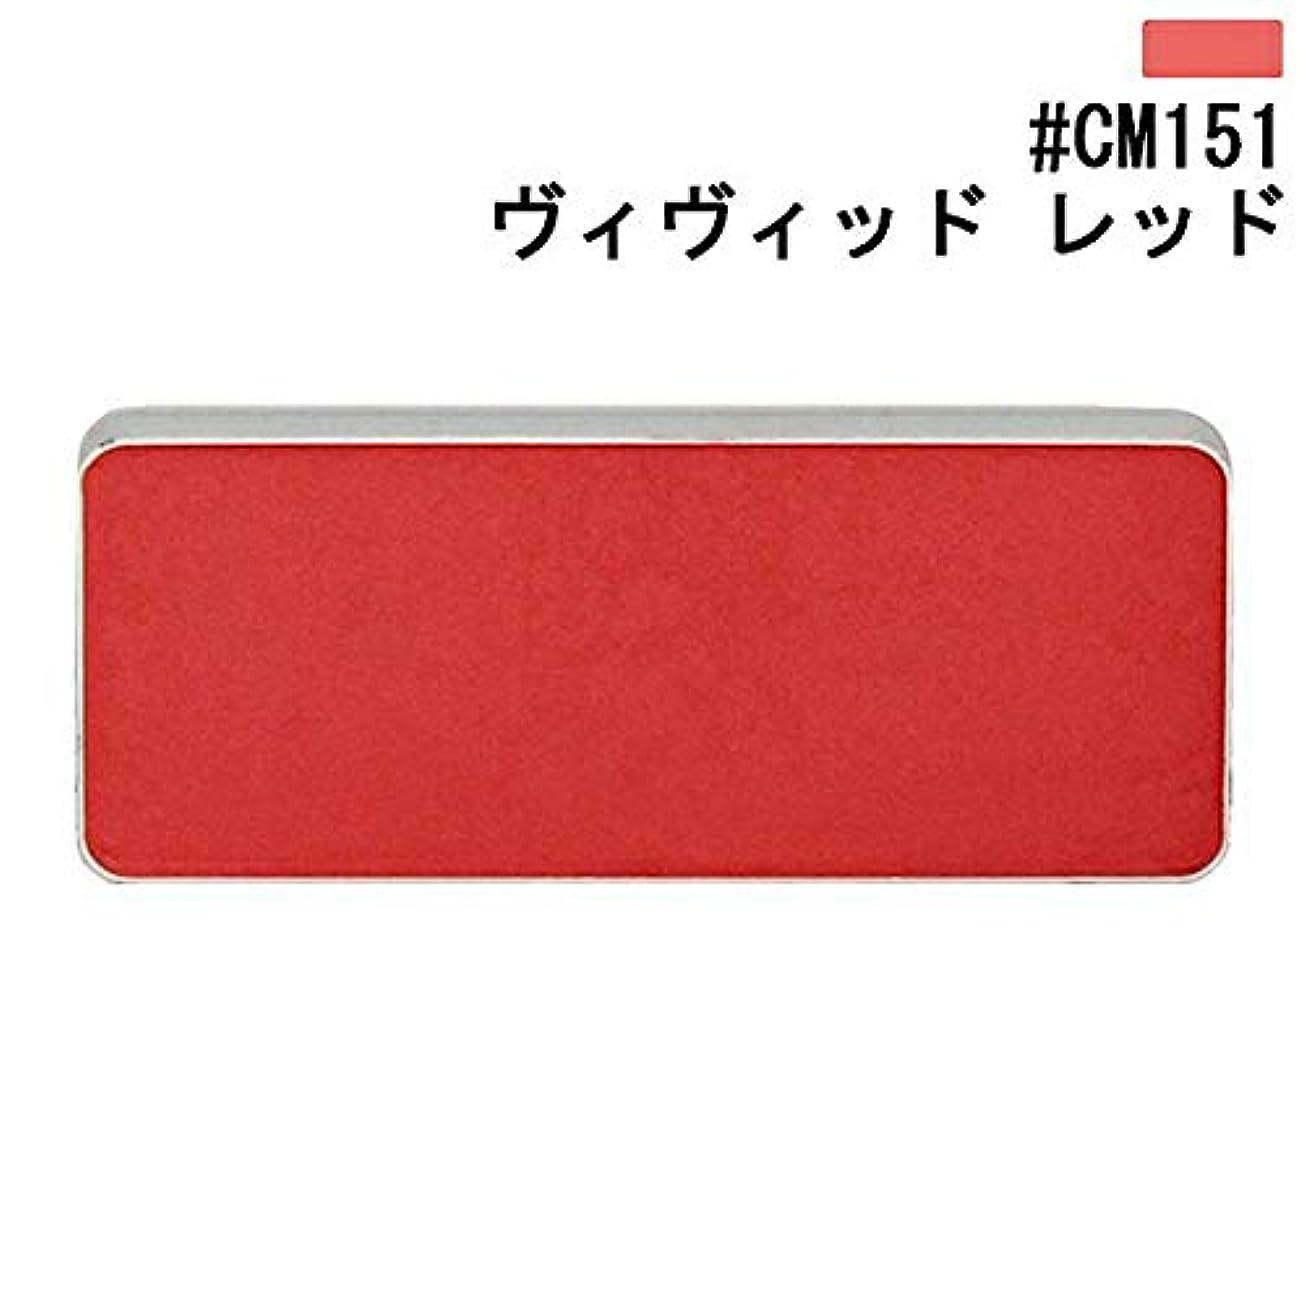 ヒップ外向きチーフ【シュウ ウエムラ】グローオン レフィル #CM151 ヴィヴィッド レッド 4g